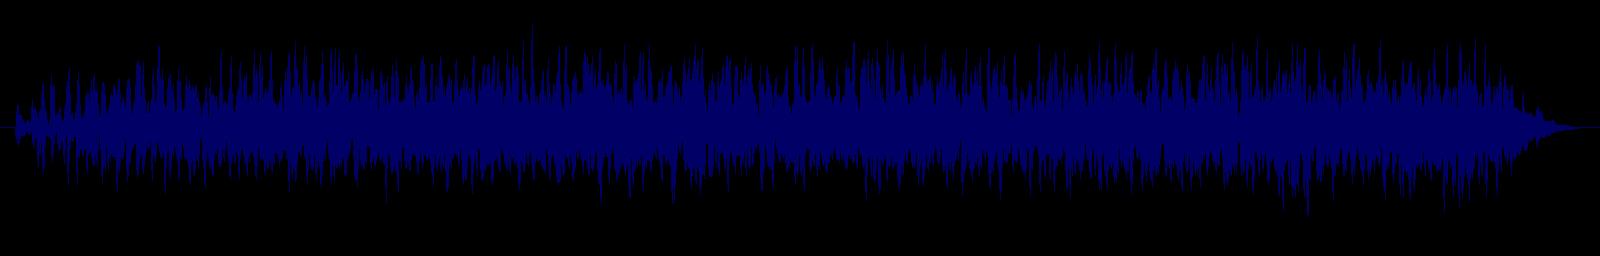 waveform of track #145500